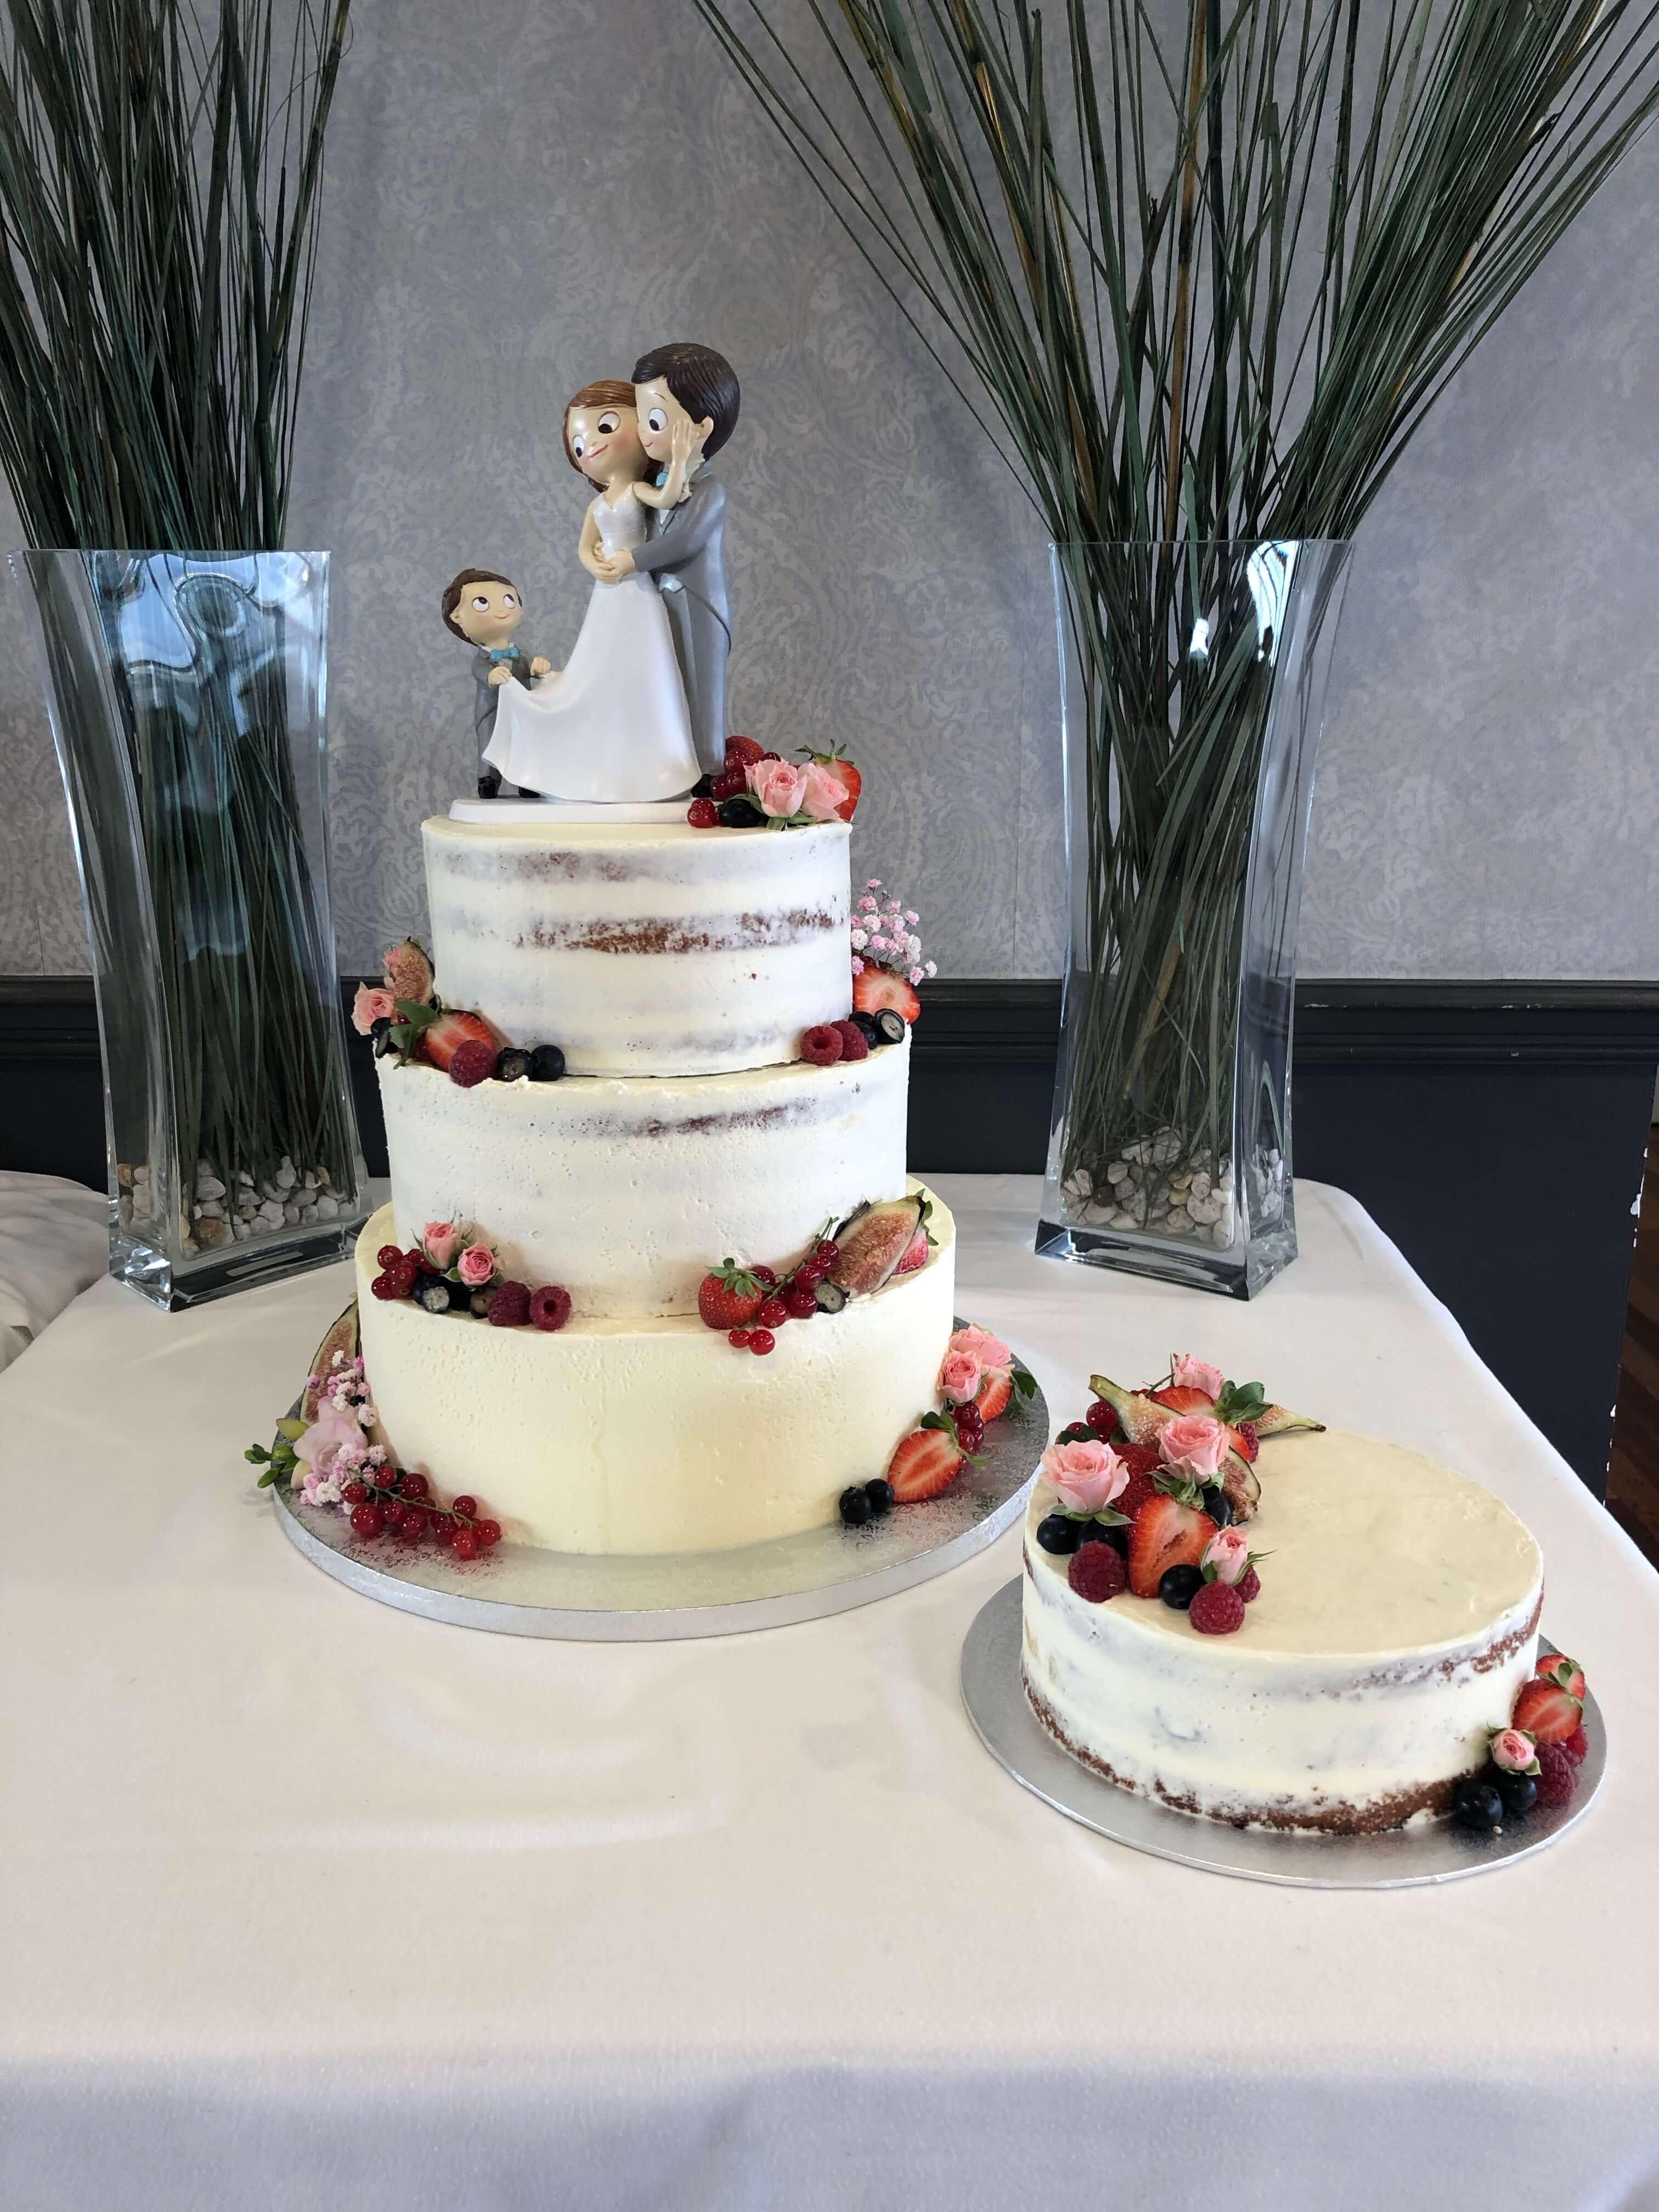 Tarta  boda coruña naked cake tarta boda desnuda coruña